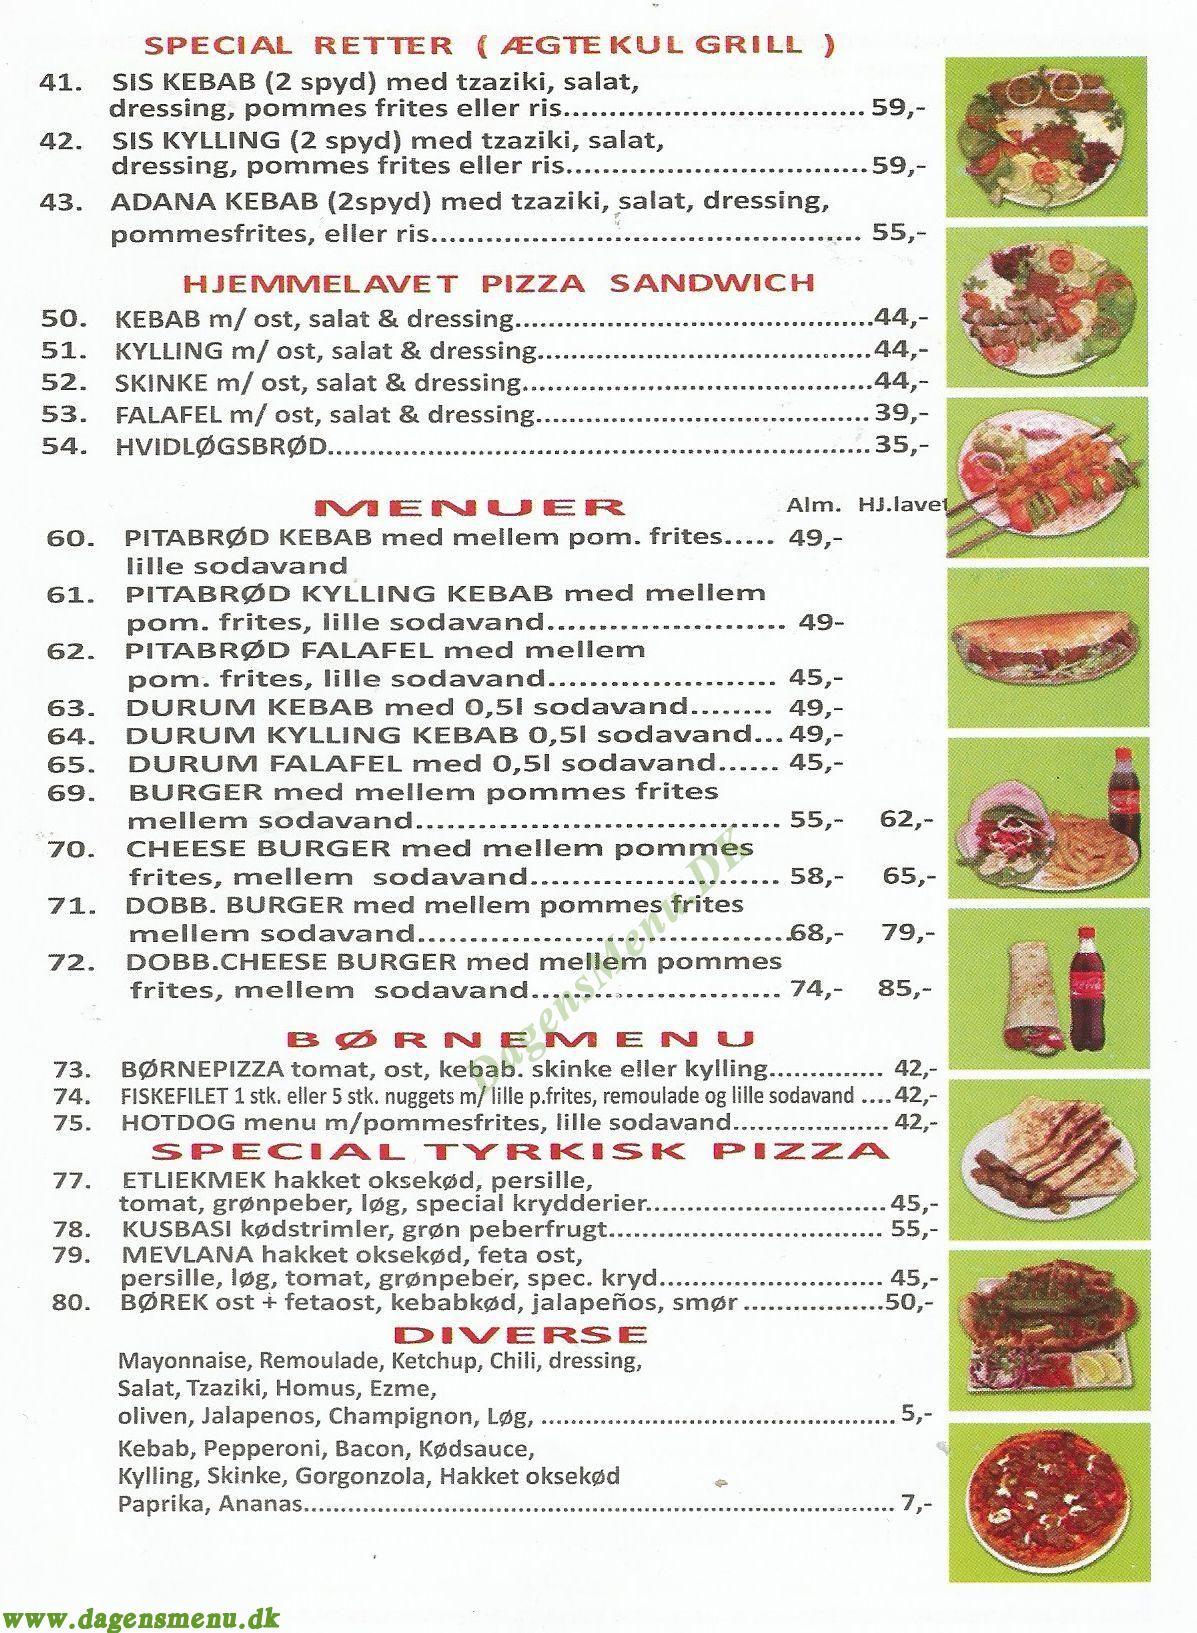 Roskilde Kebab & Grillhouse - Menukort